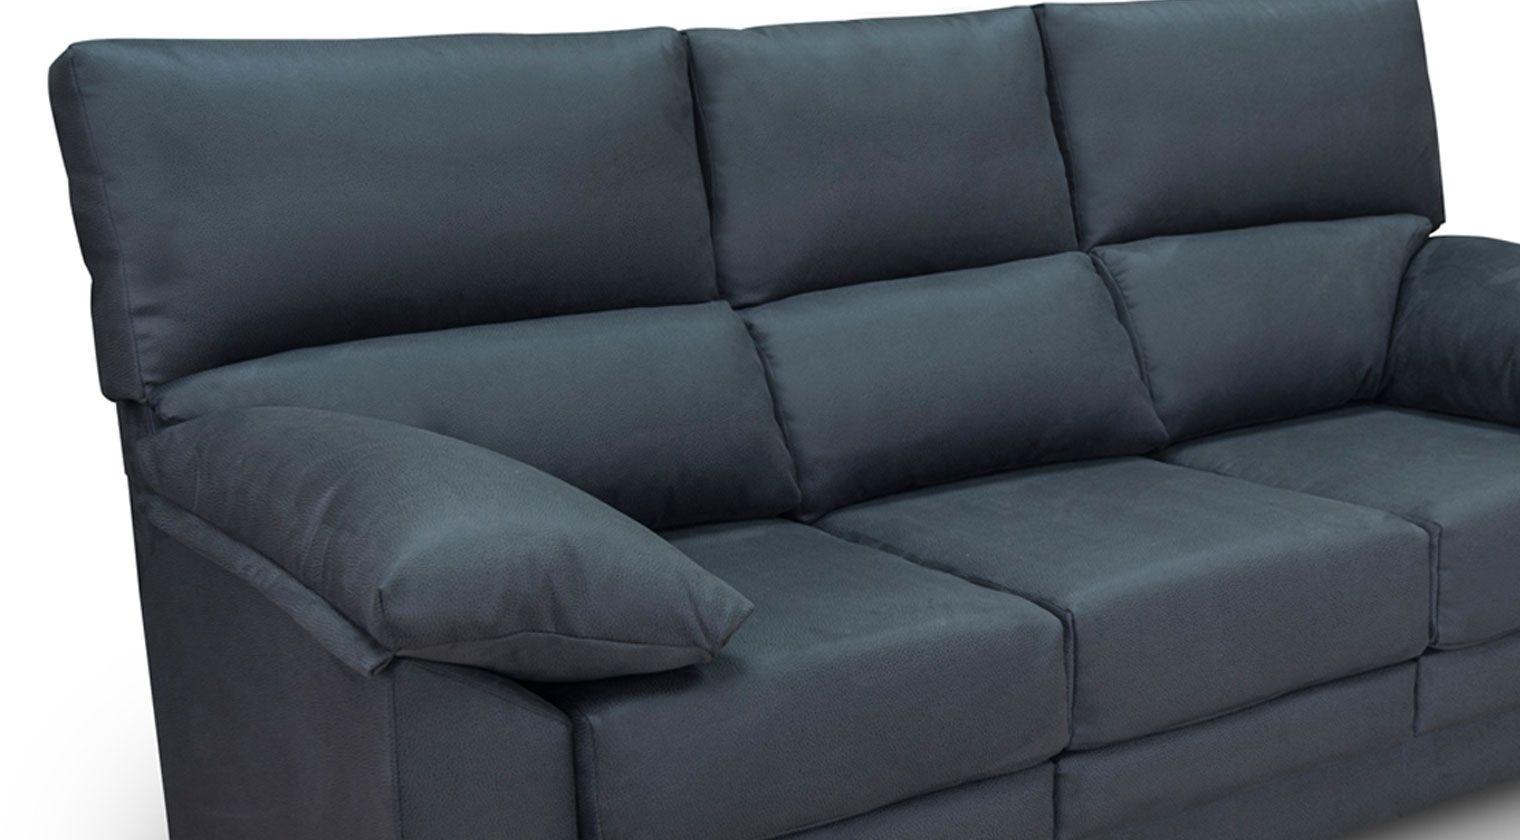 Comprar sof aura sofa 2 5 plazas nova for Sofas baratos asturias